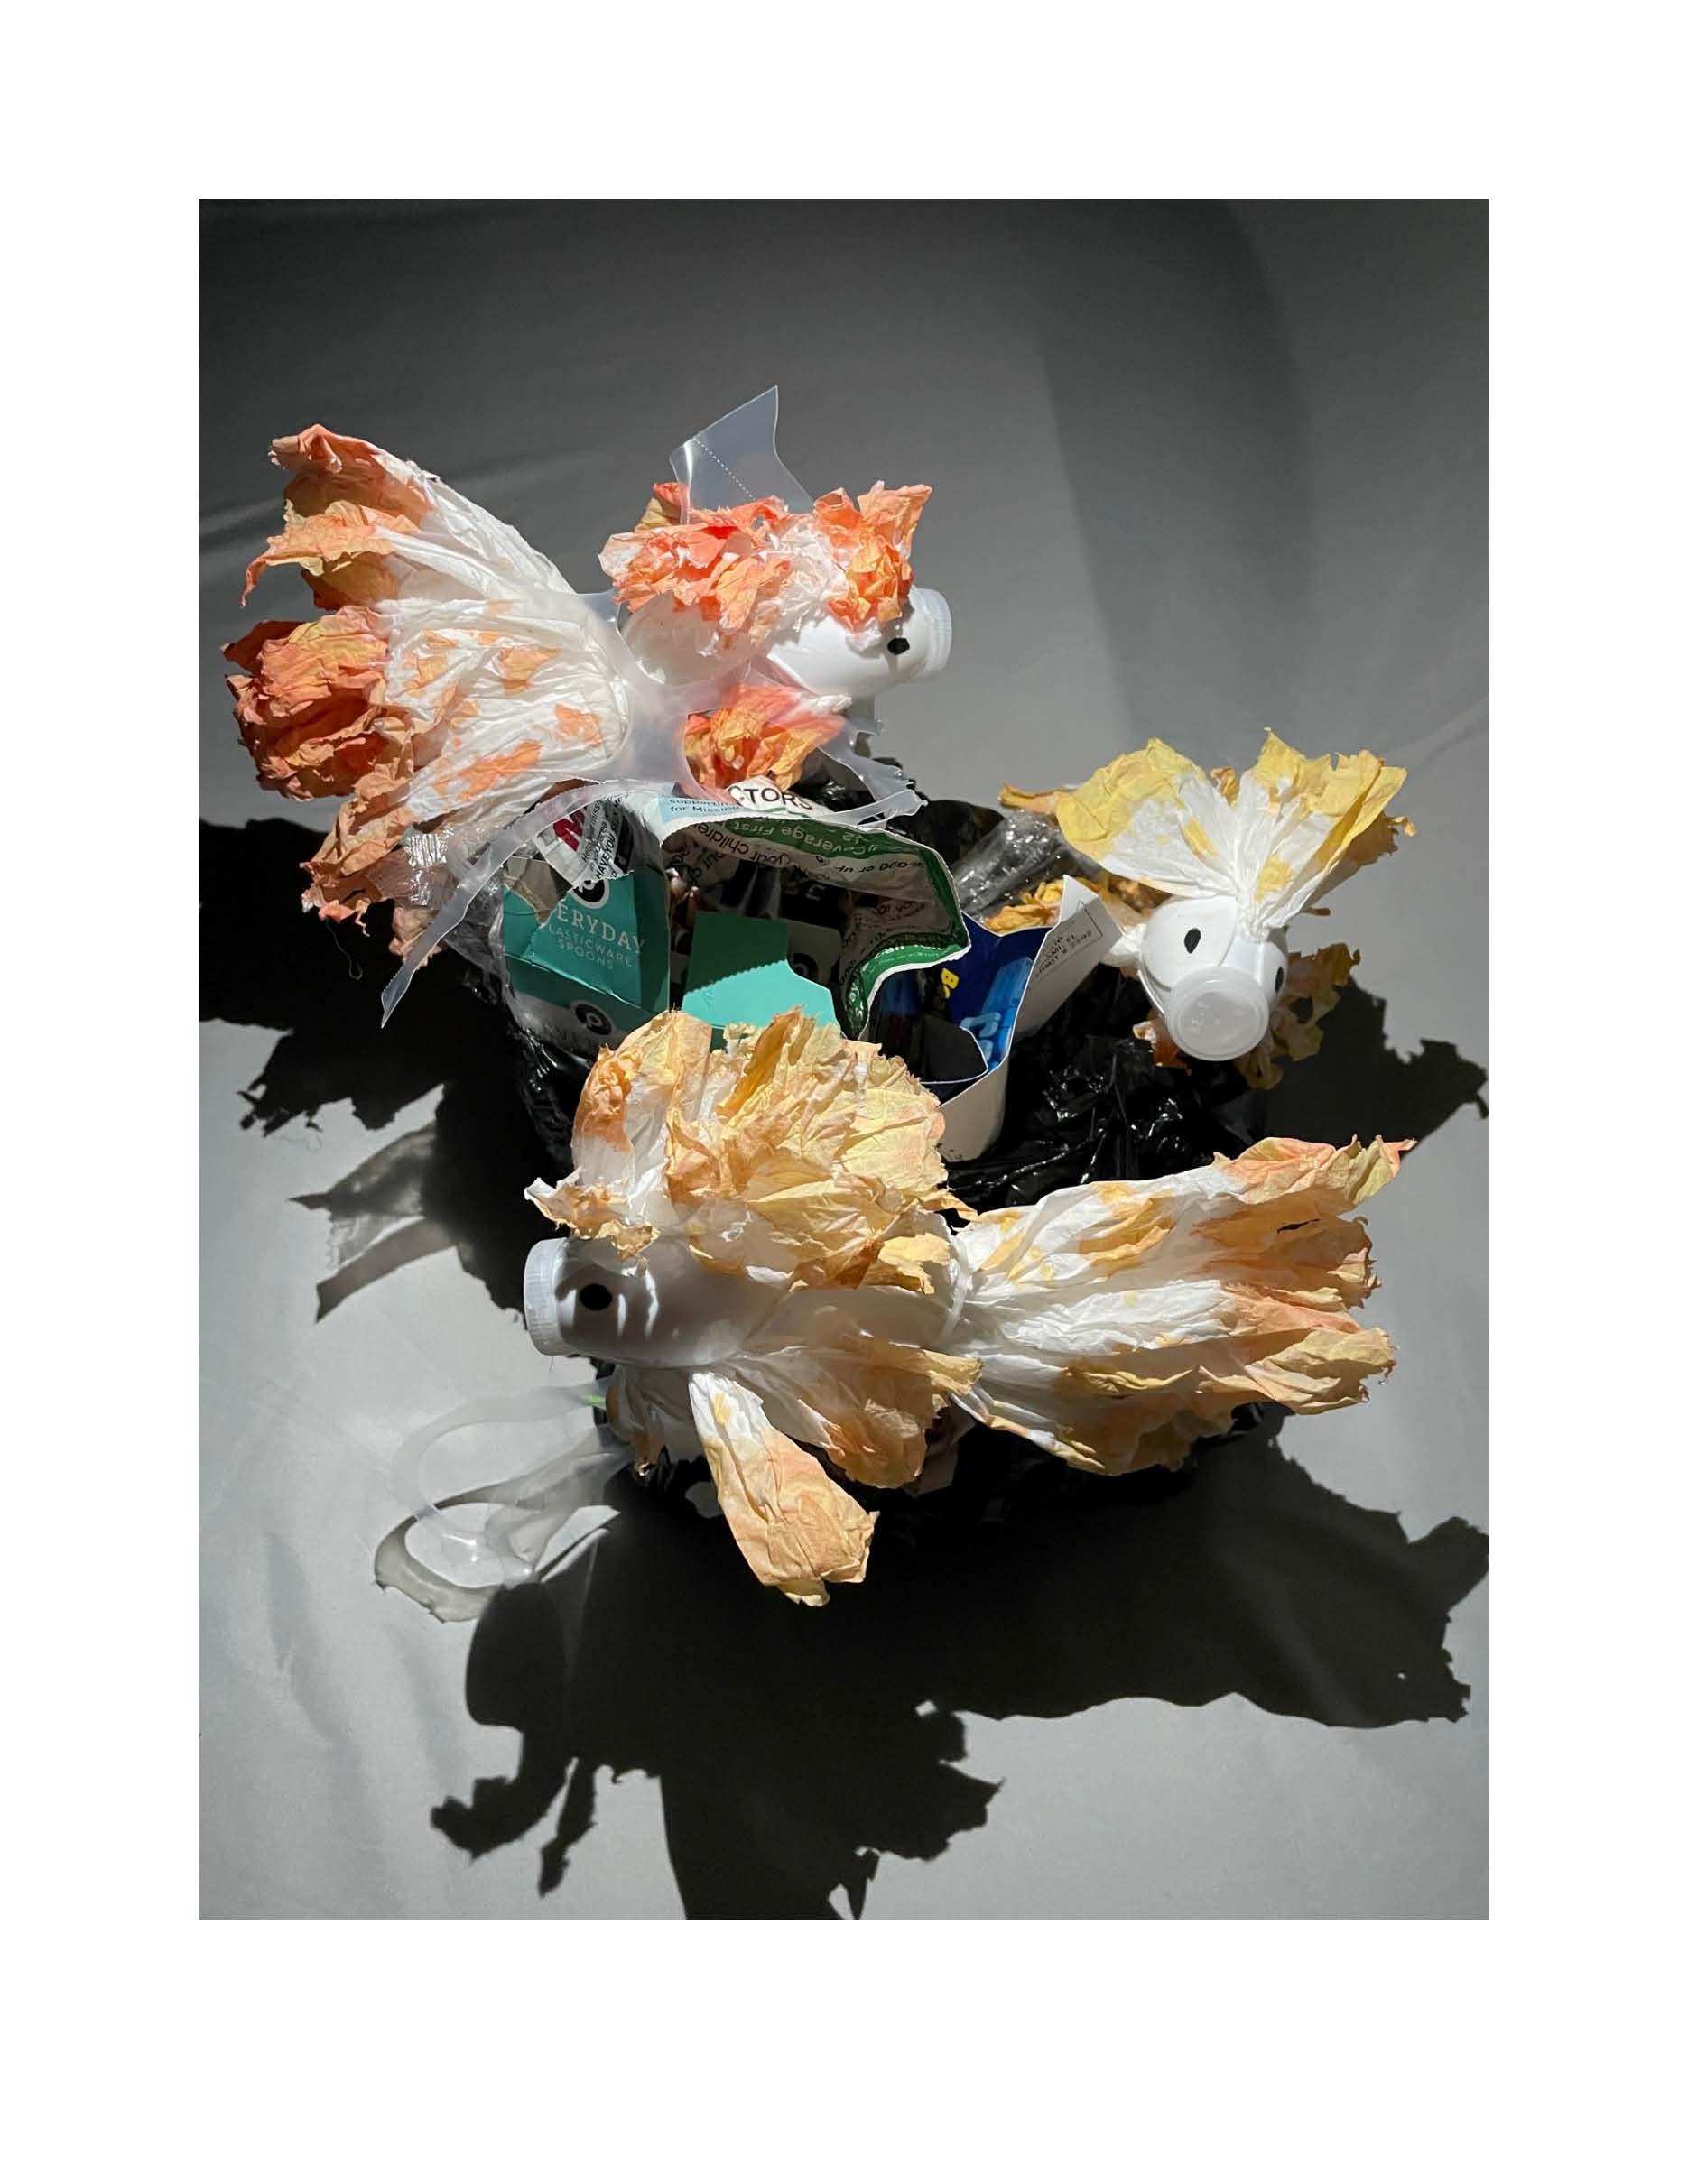 Alejandro Ramos Project, Image 6